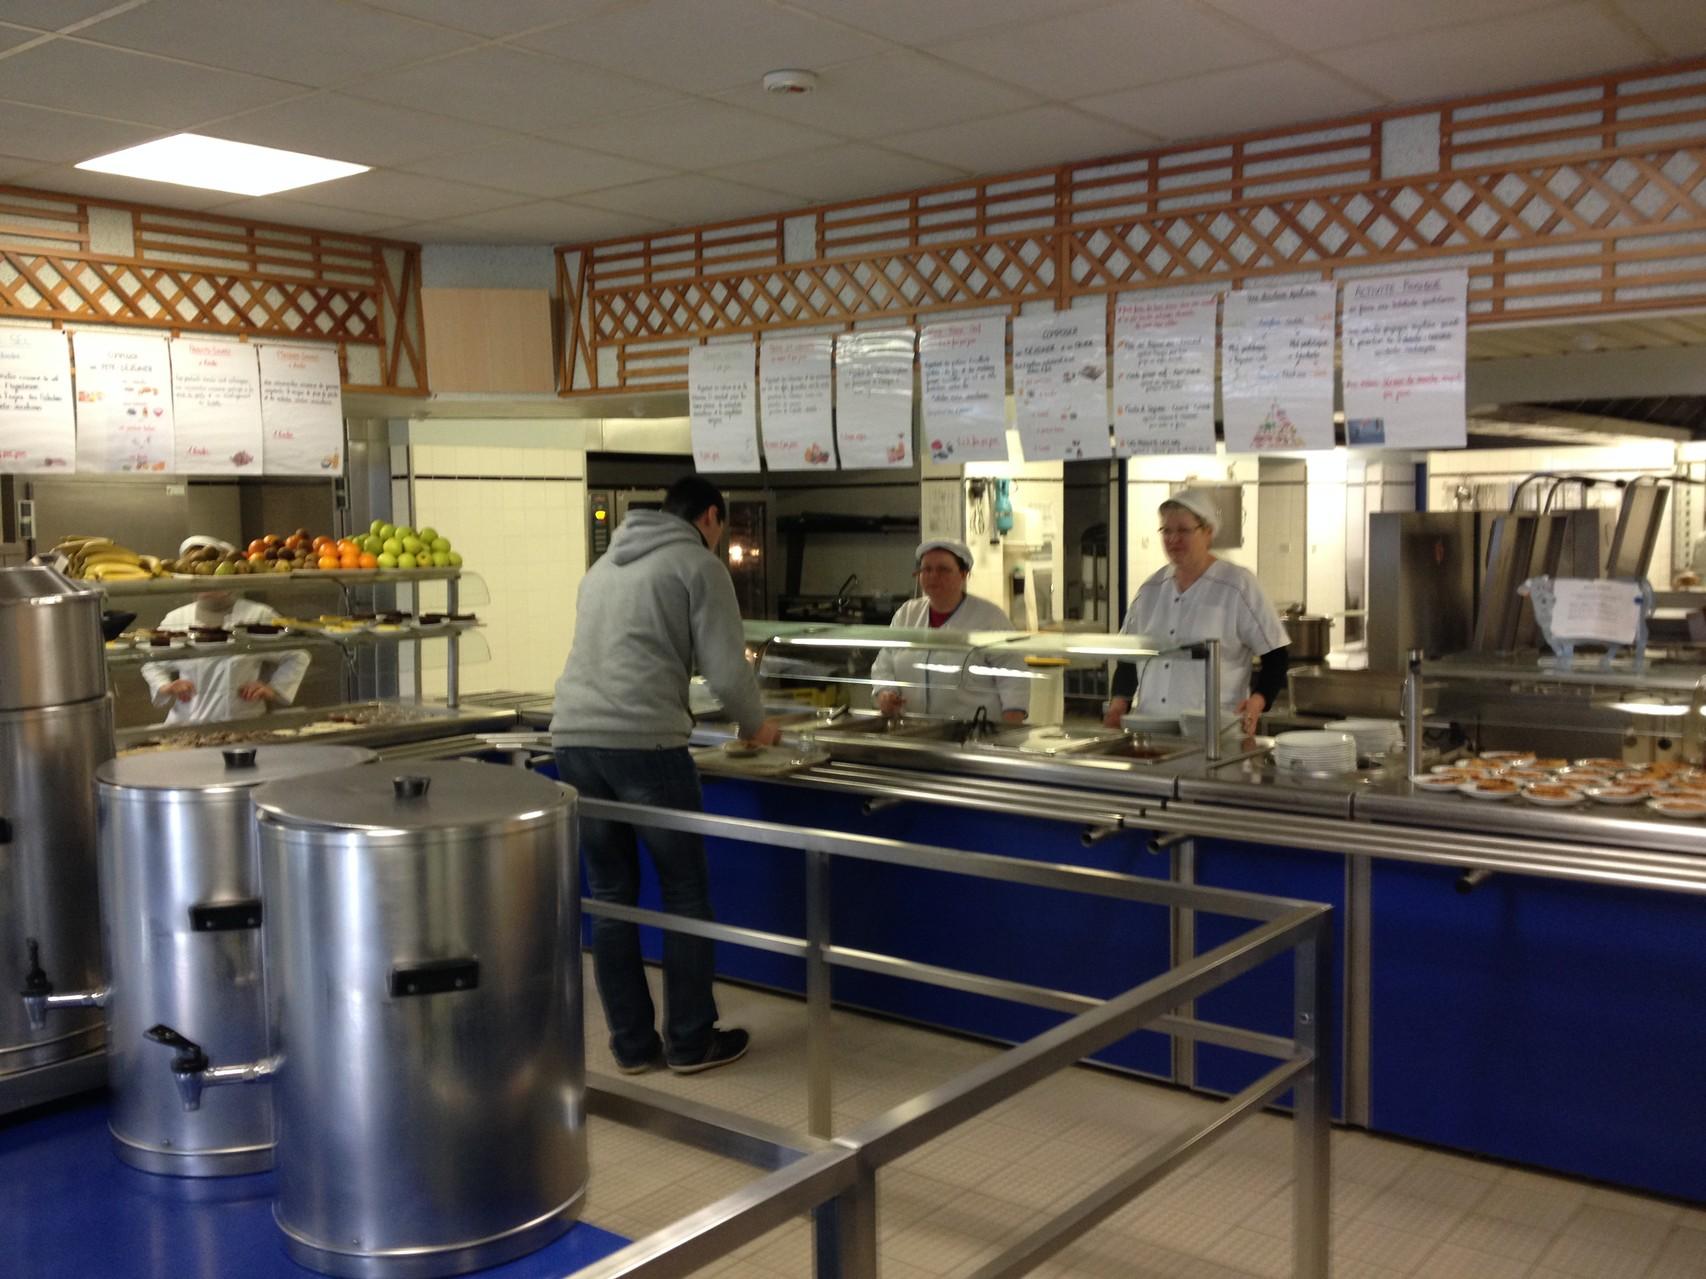 les agents qui servent plus de 1000 repas par jour